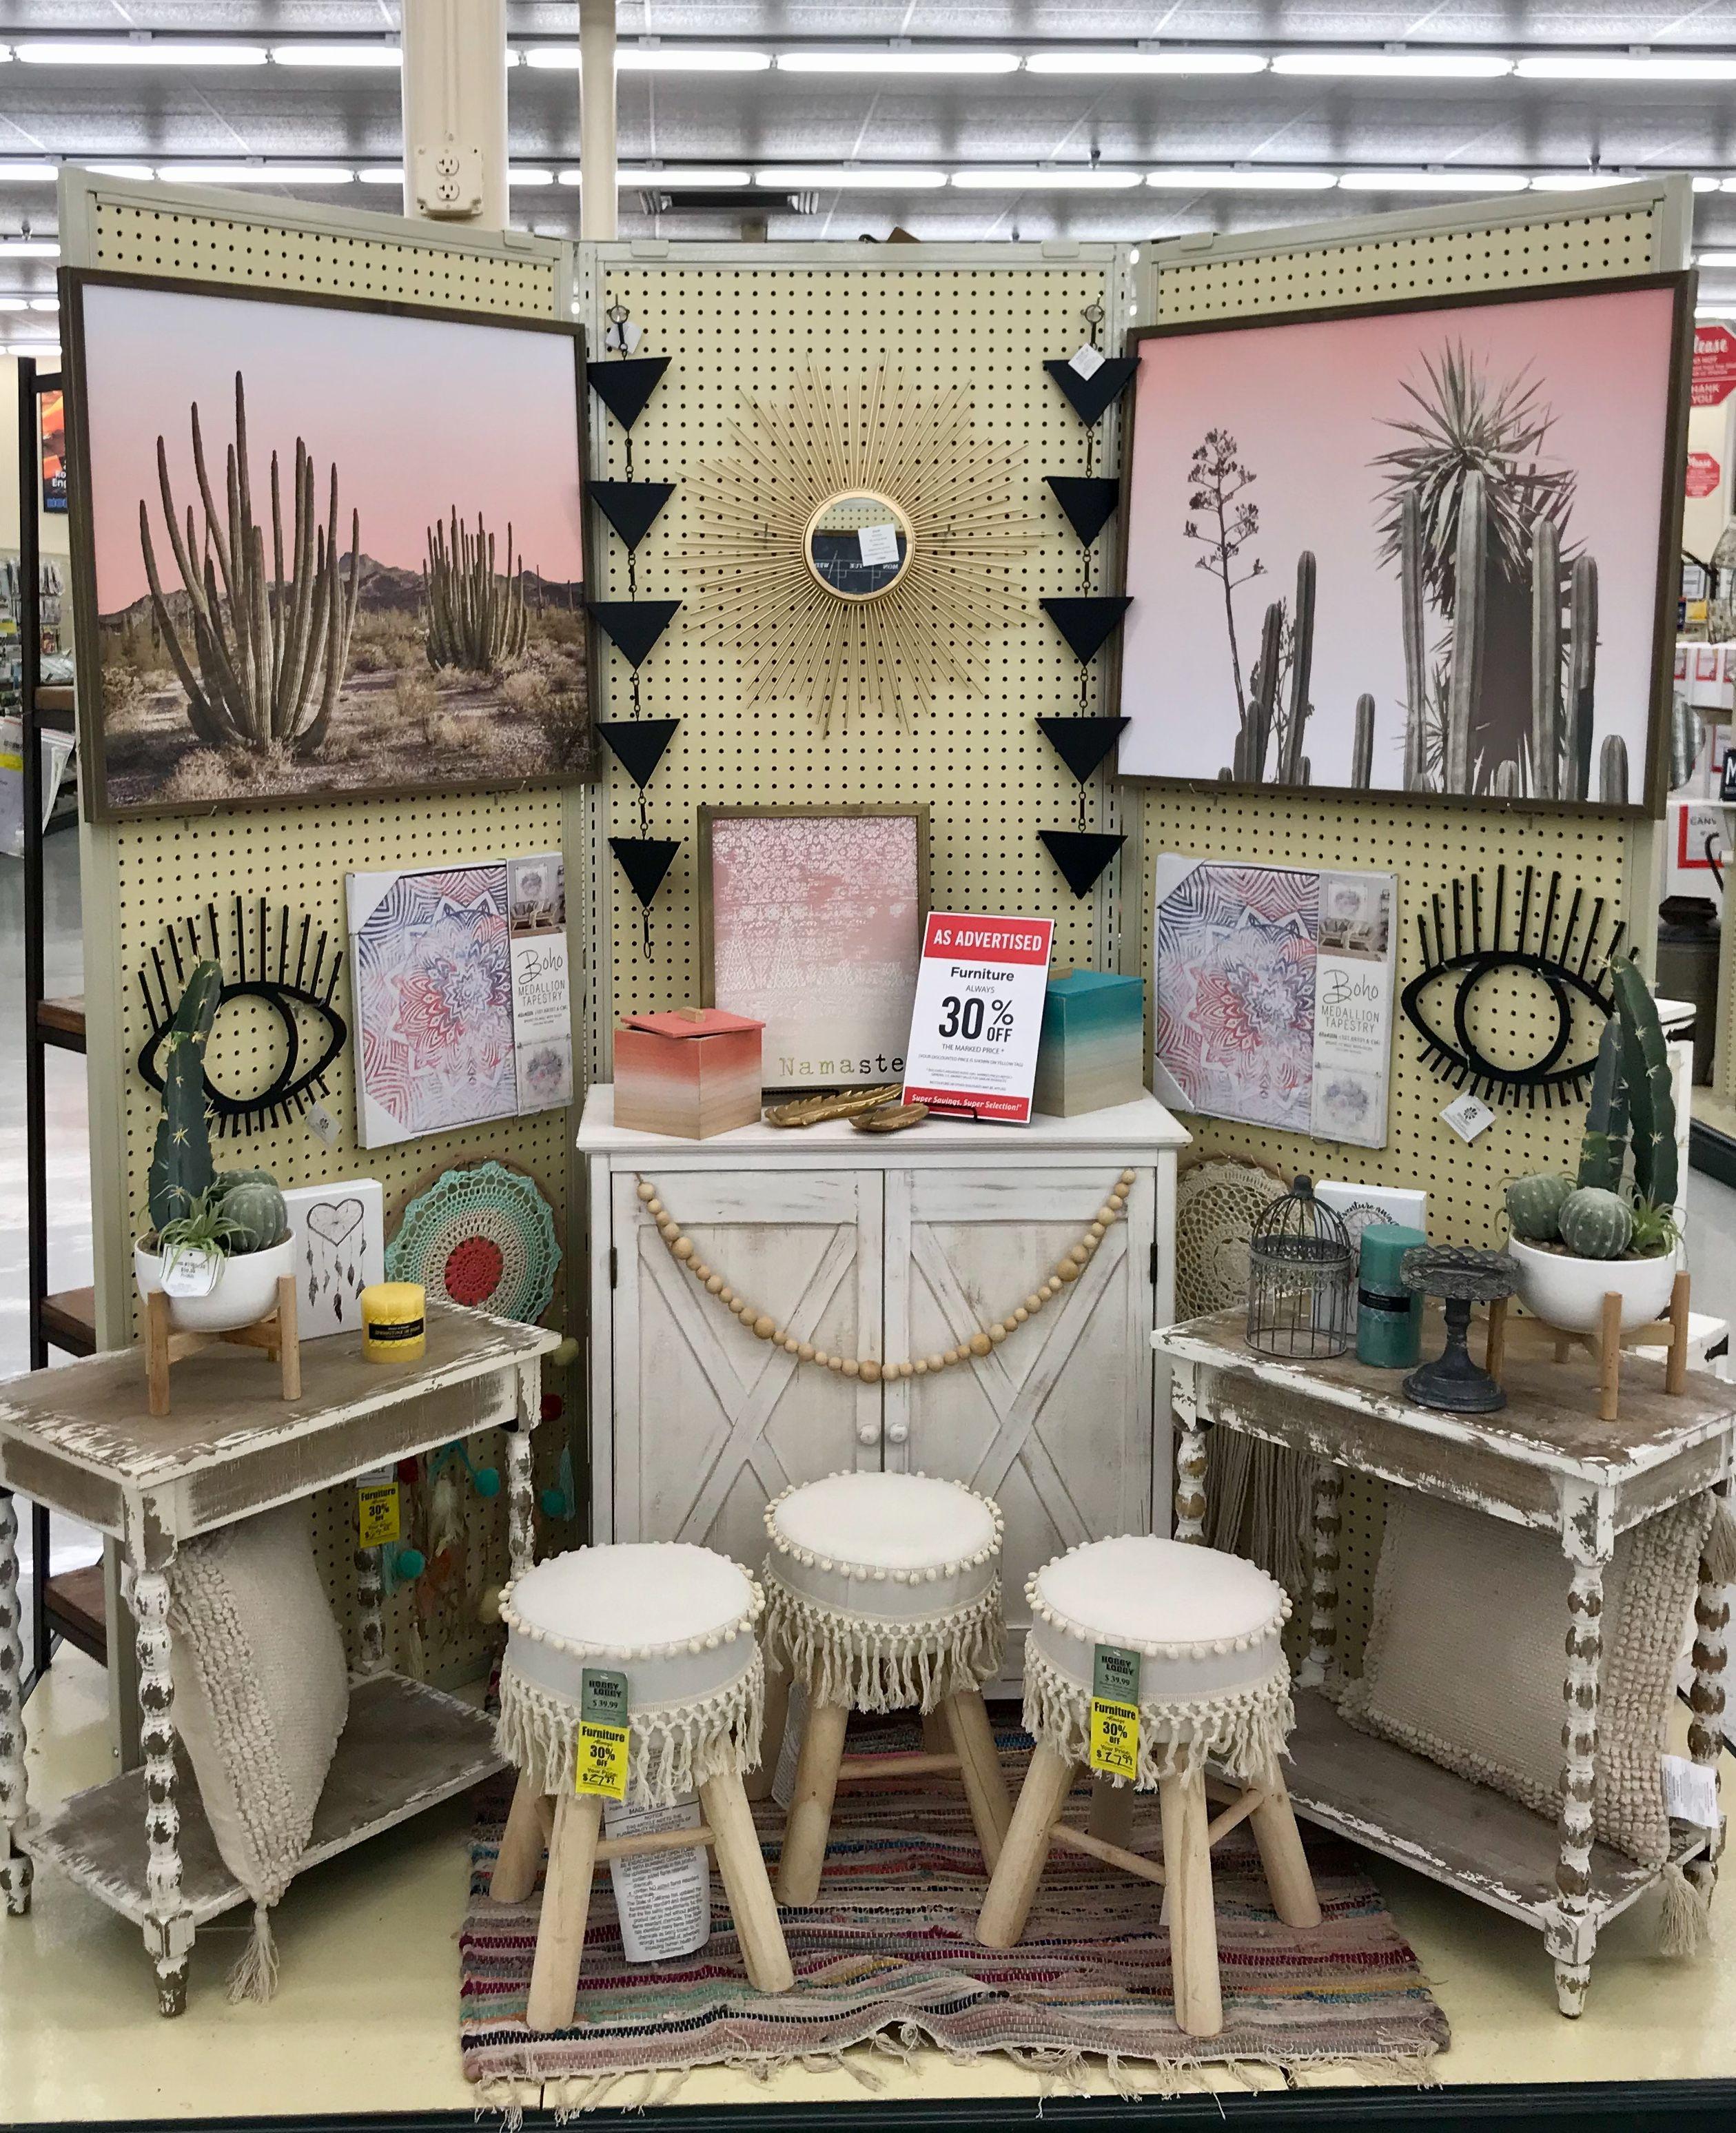 Hobby Lobby Merchandising Displays